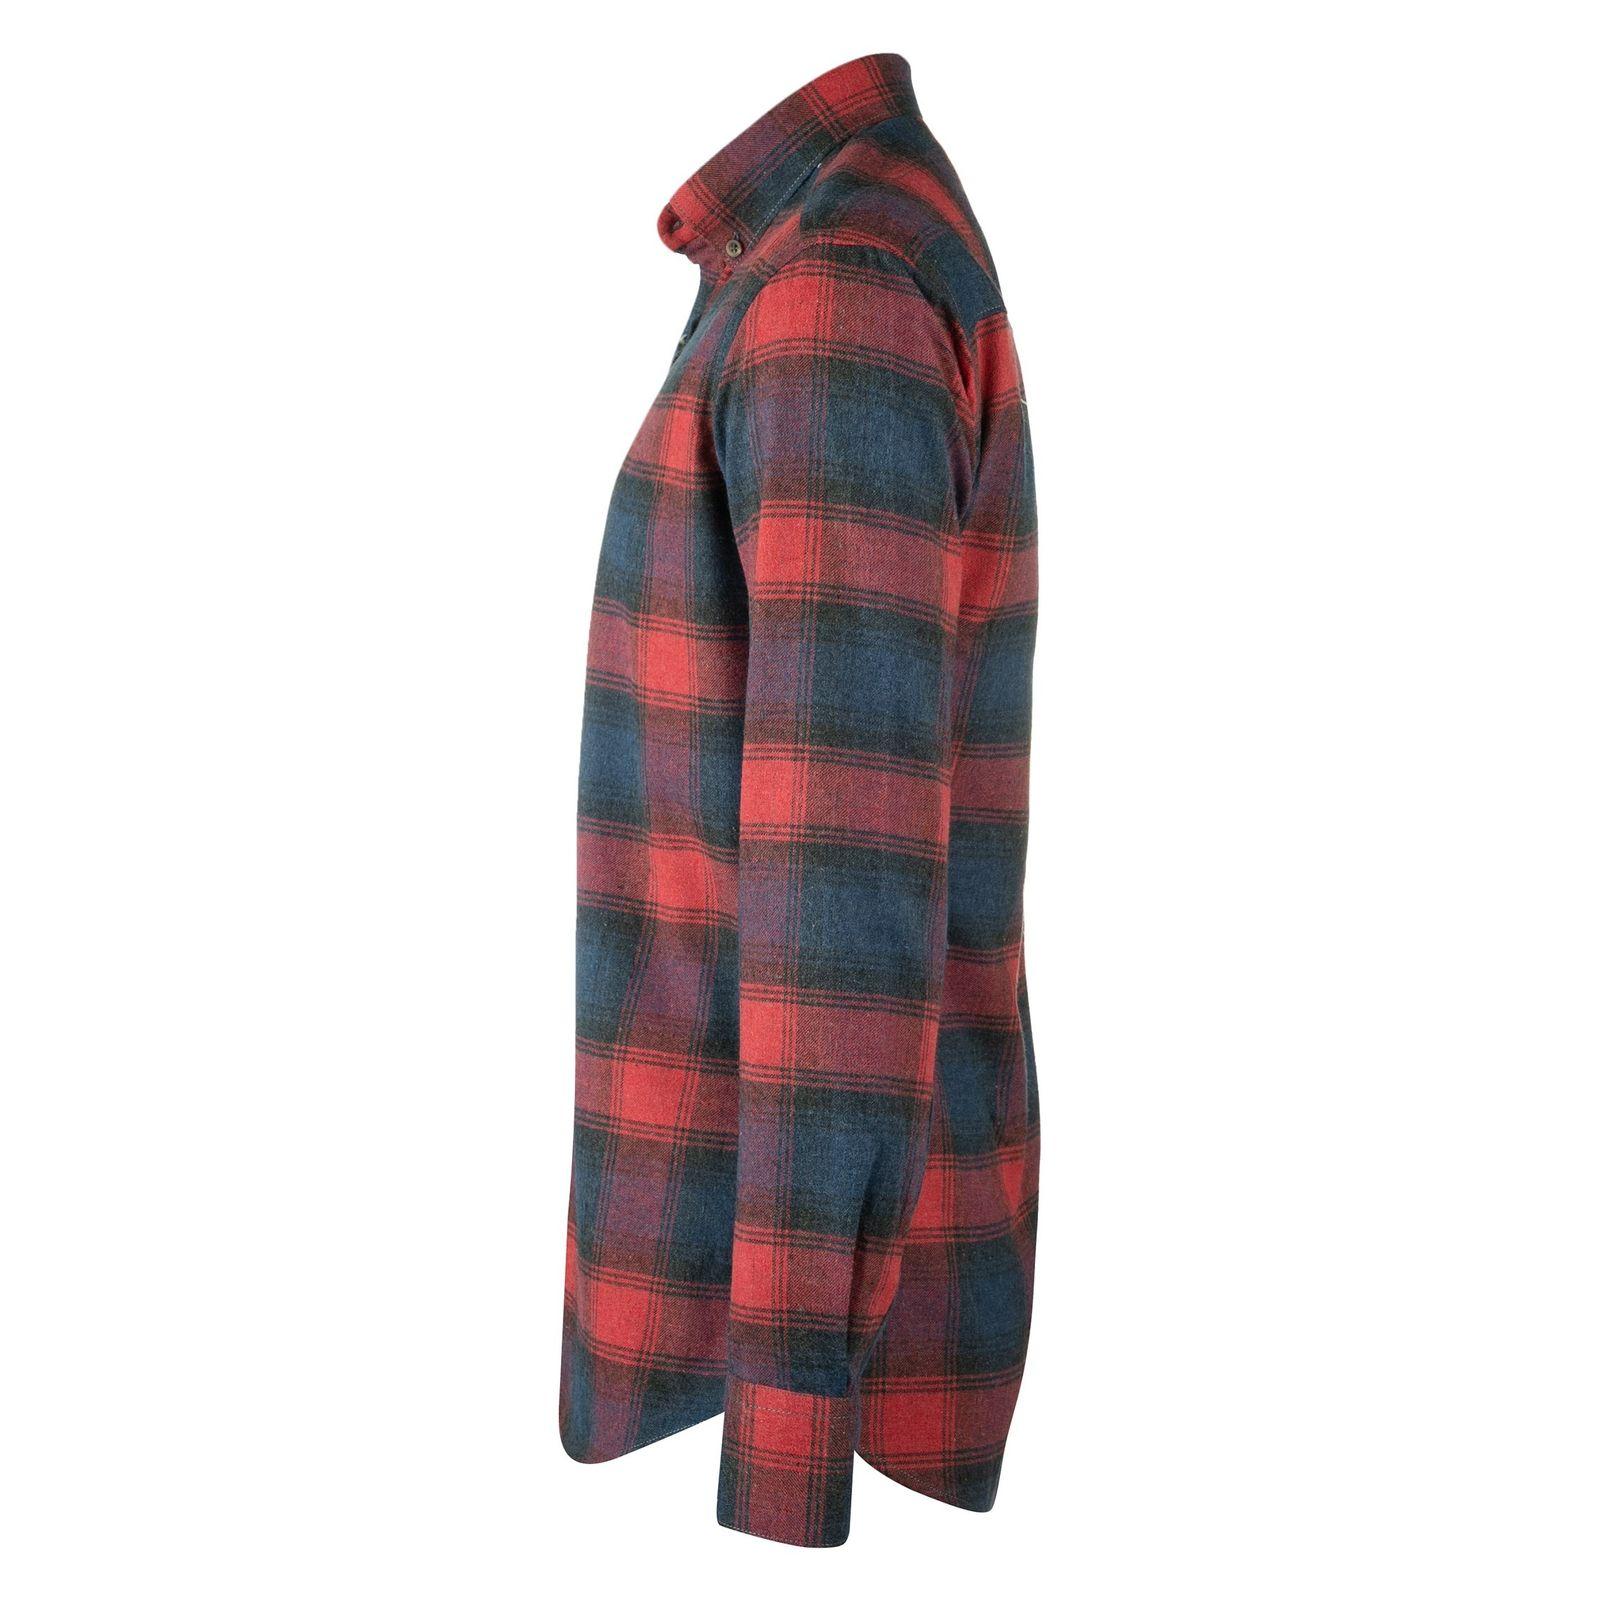 پیراهن نخی آستین بلند مردانه - زی - سرمه اي و طوسي - 4